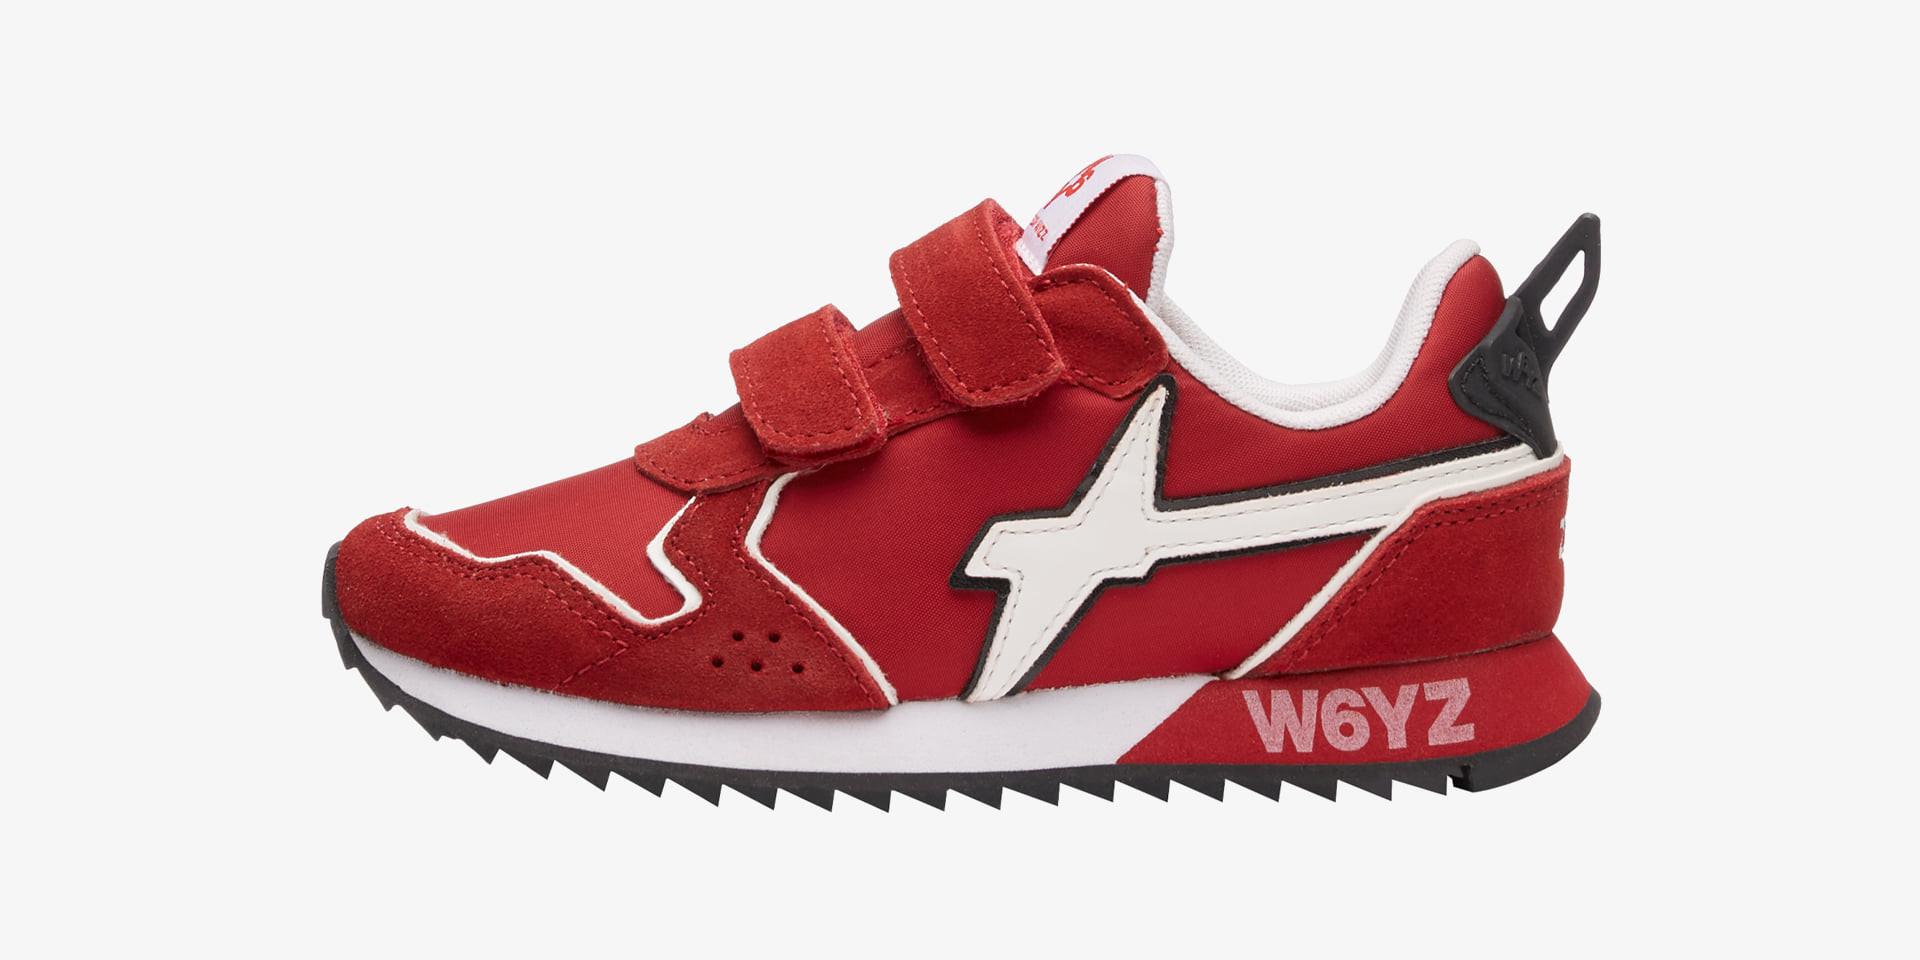 JET VL-J - Sneaker in tessuto e suede - Rosso-Bianco